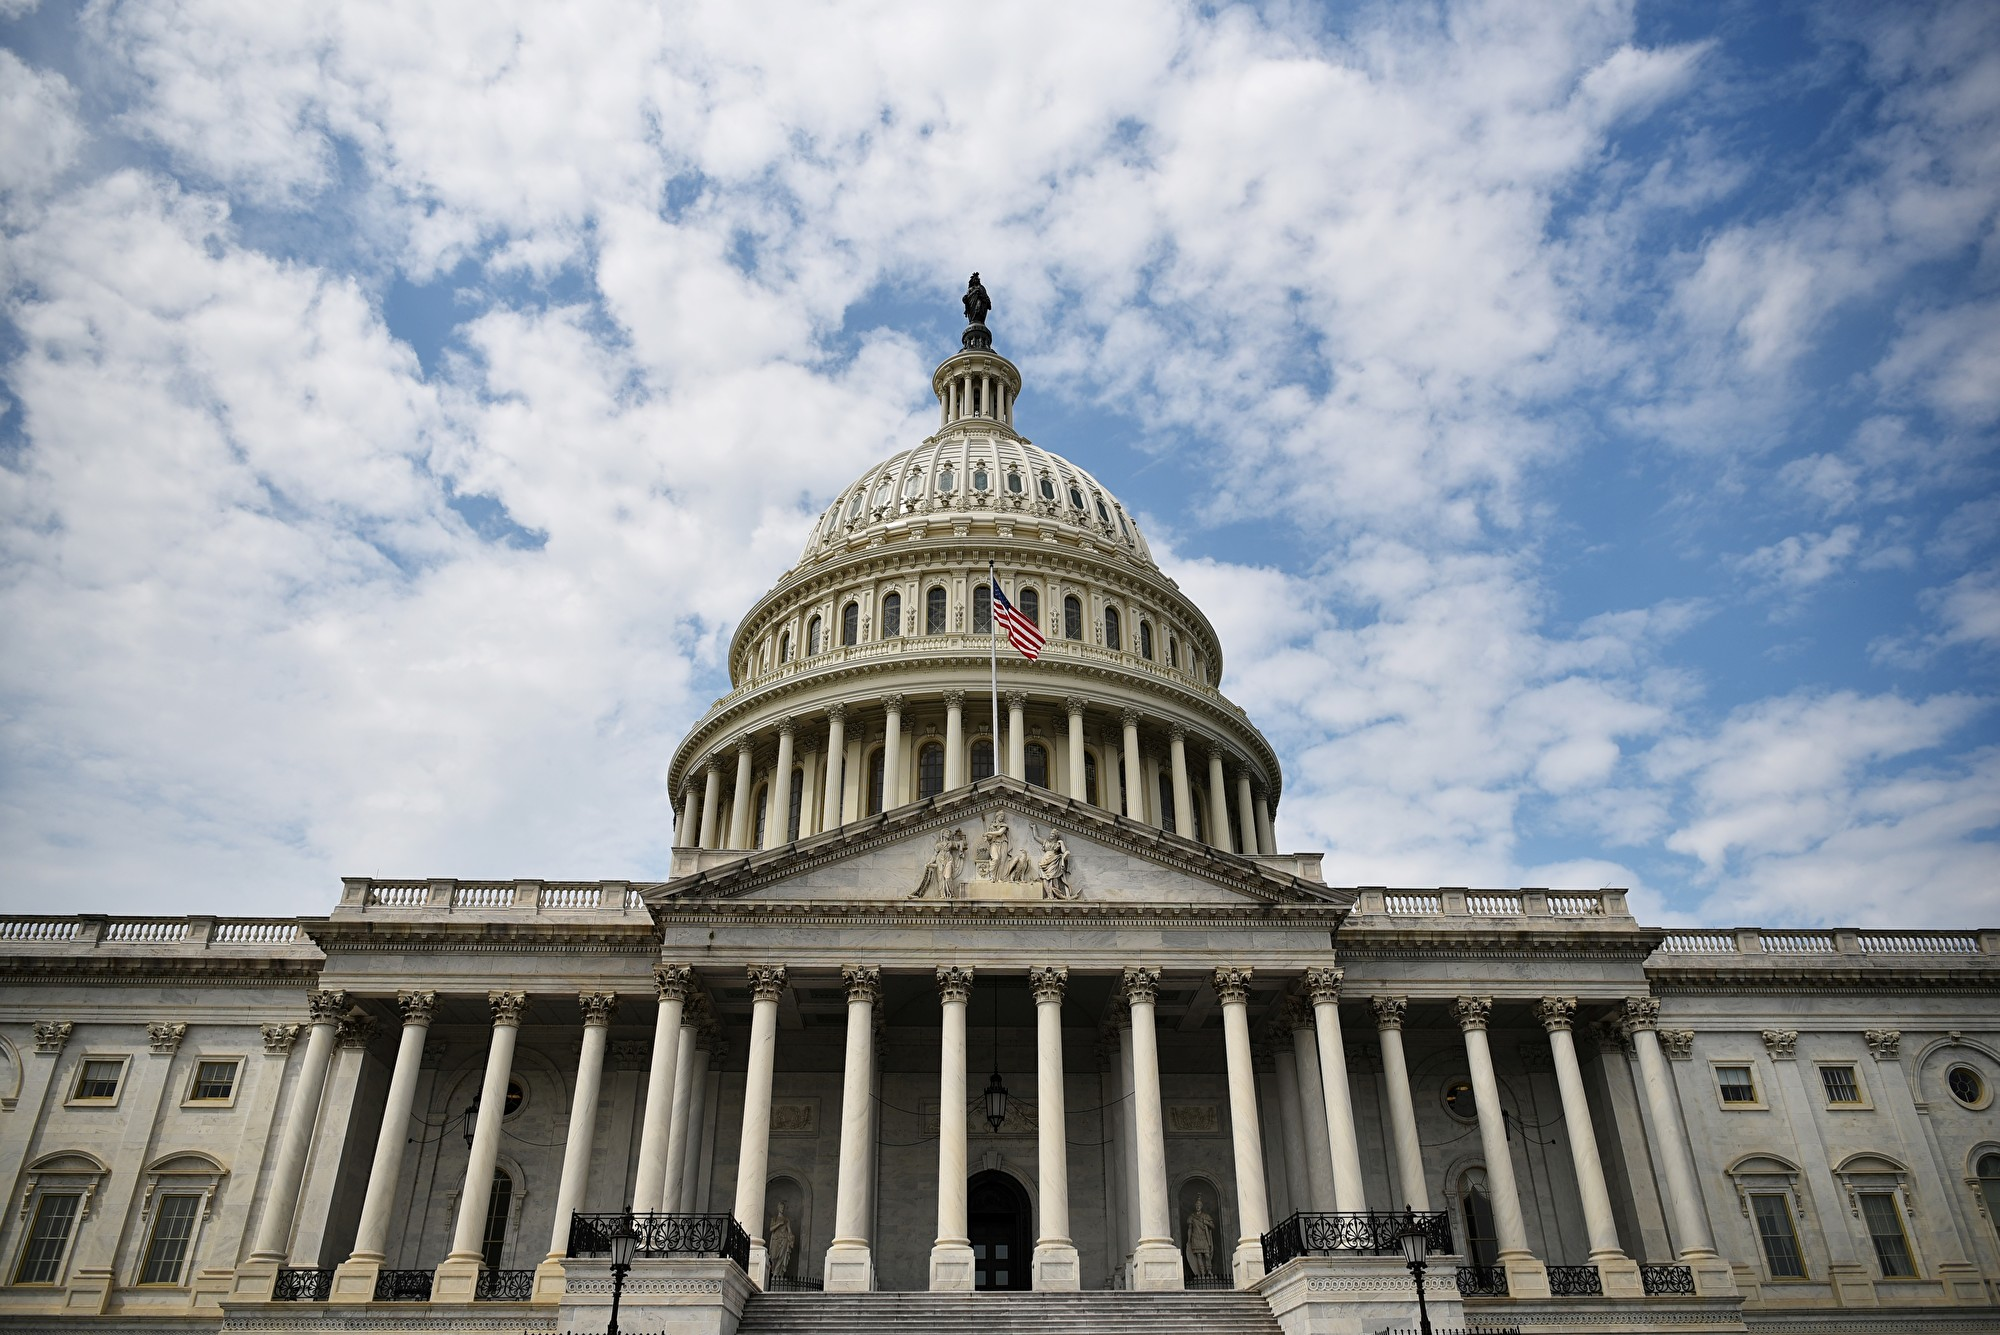 美參院通過維族人權法 制止中共在新疆行惡